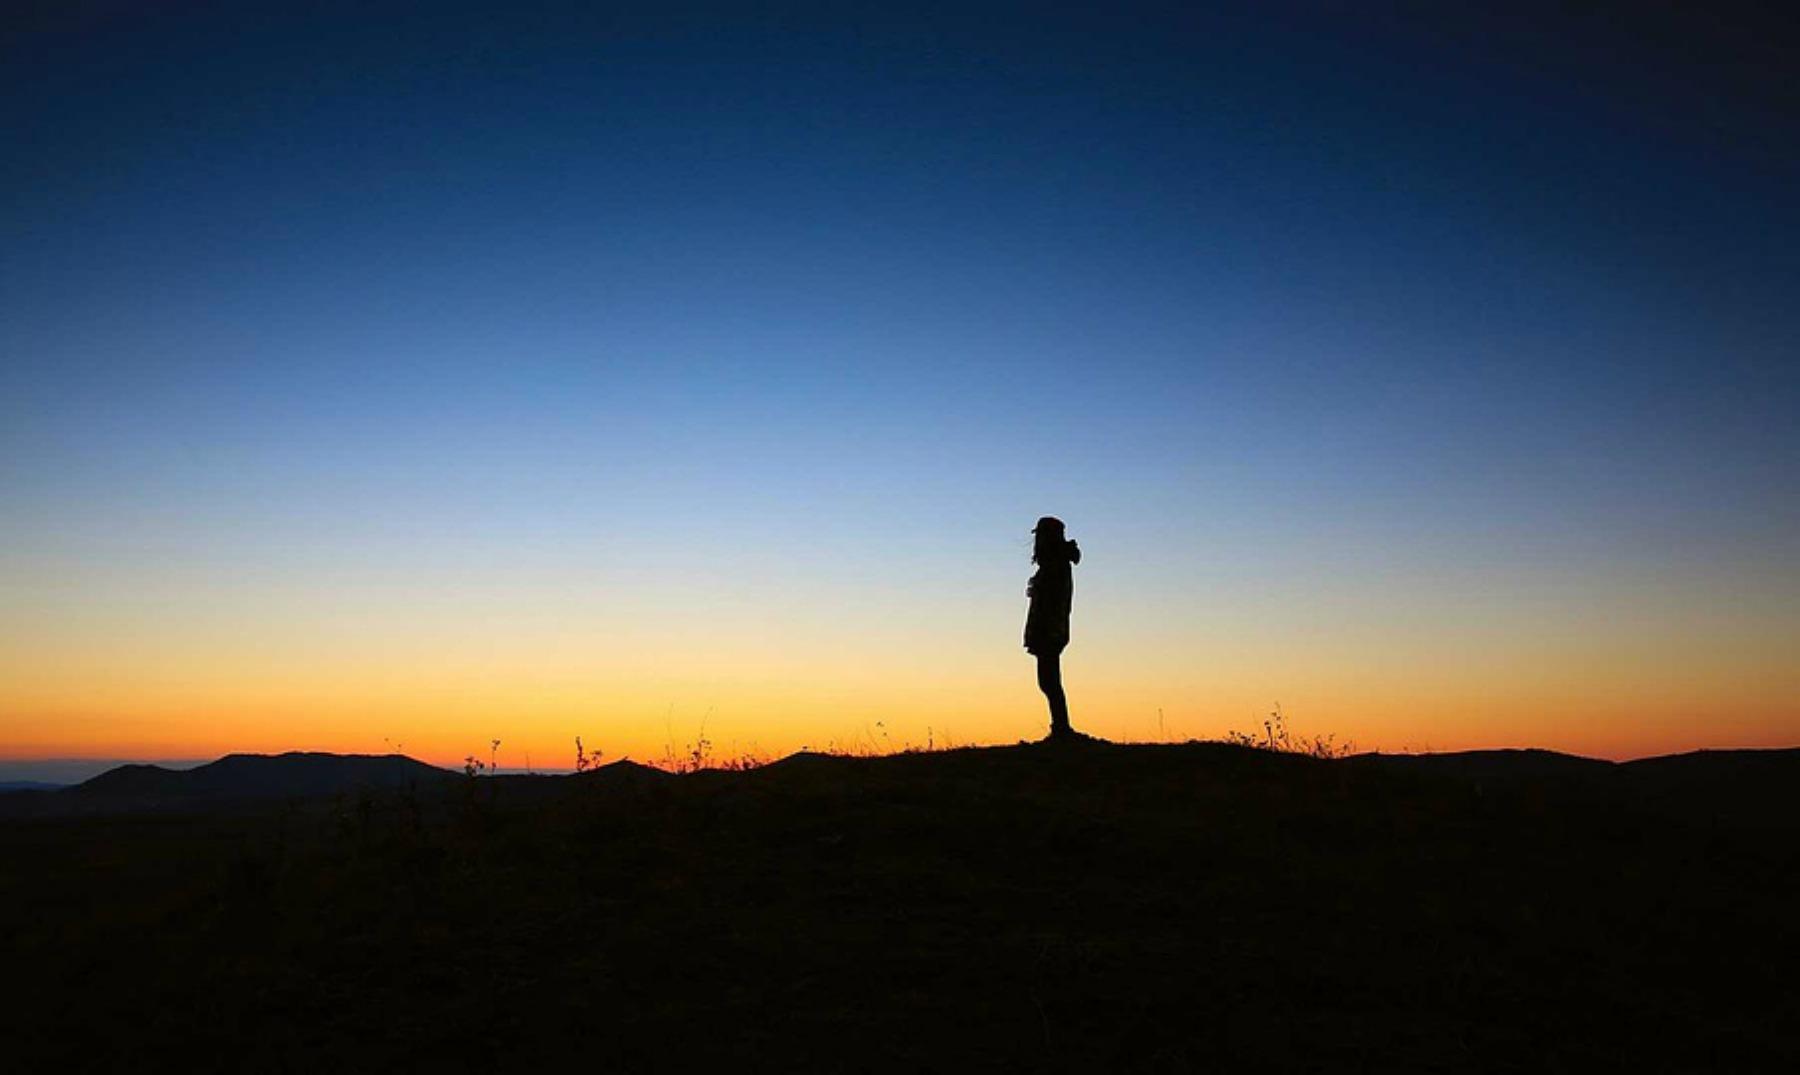 Frases de soledad; es importante aprender a afrontarla